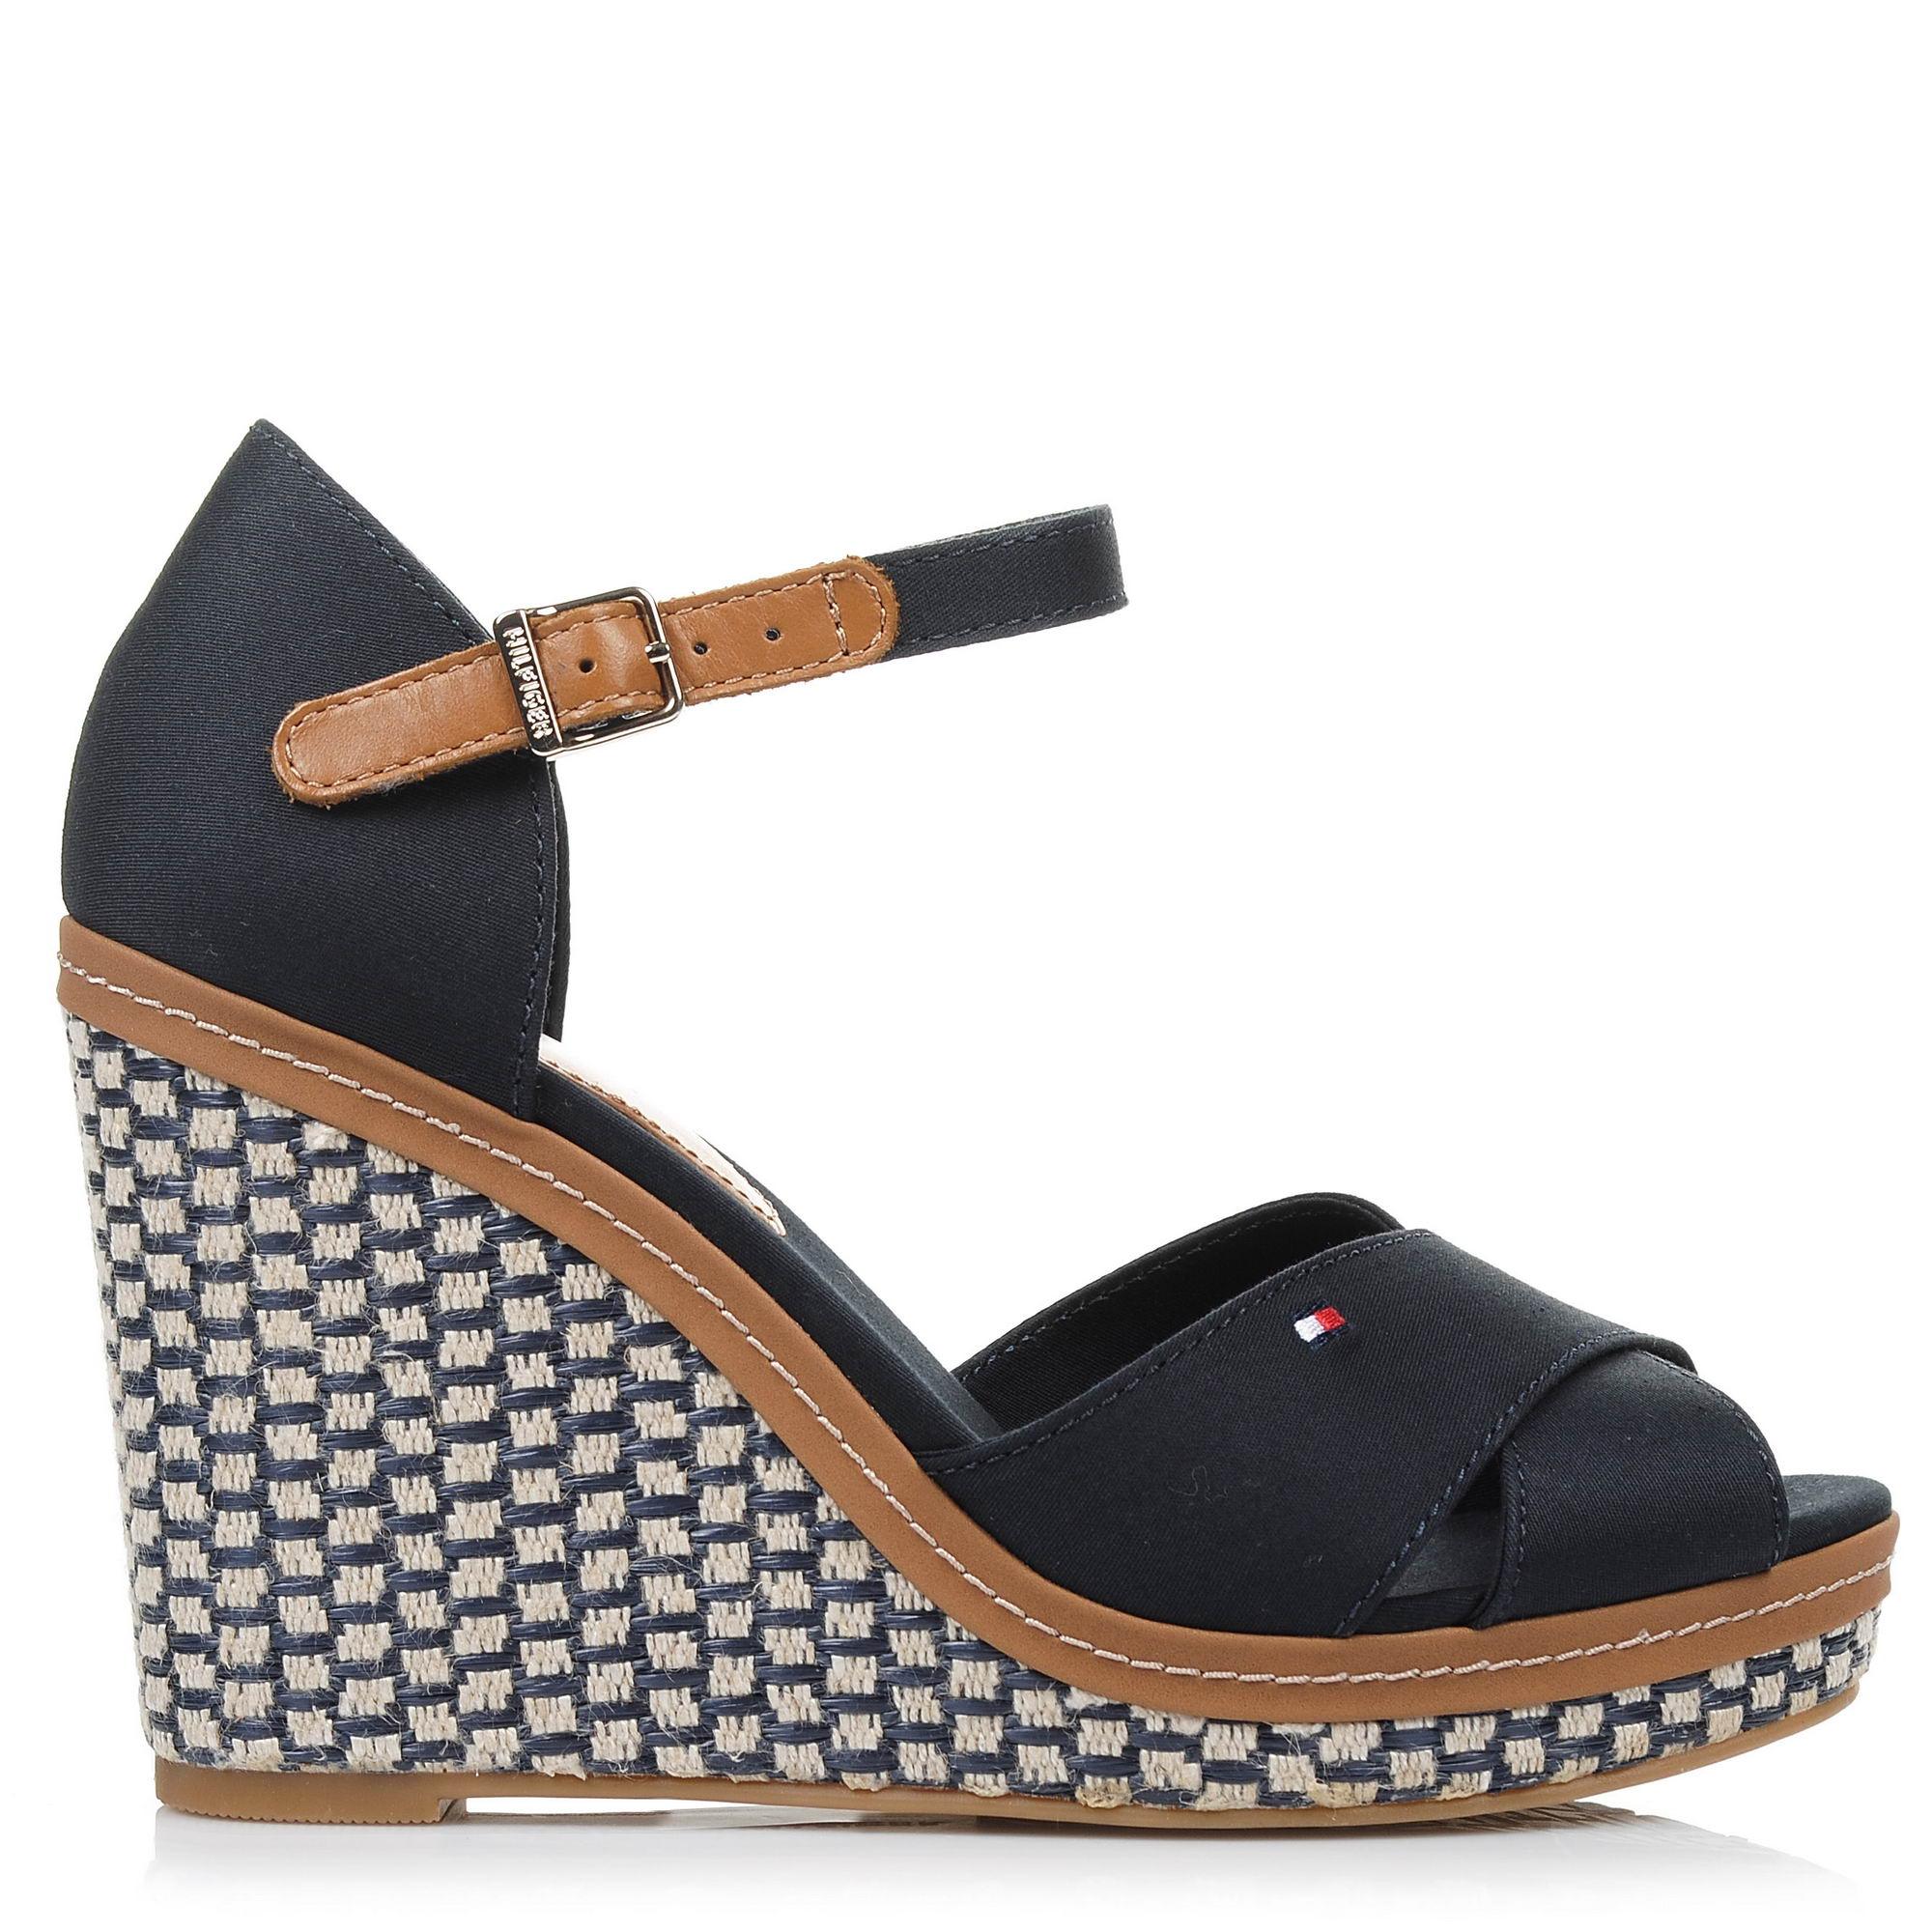 Πλατφόρμες Tommy Hilfiger Iconic Elena Basic FW0FW02652 γυναικα   γυναικείο παπούτσι